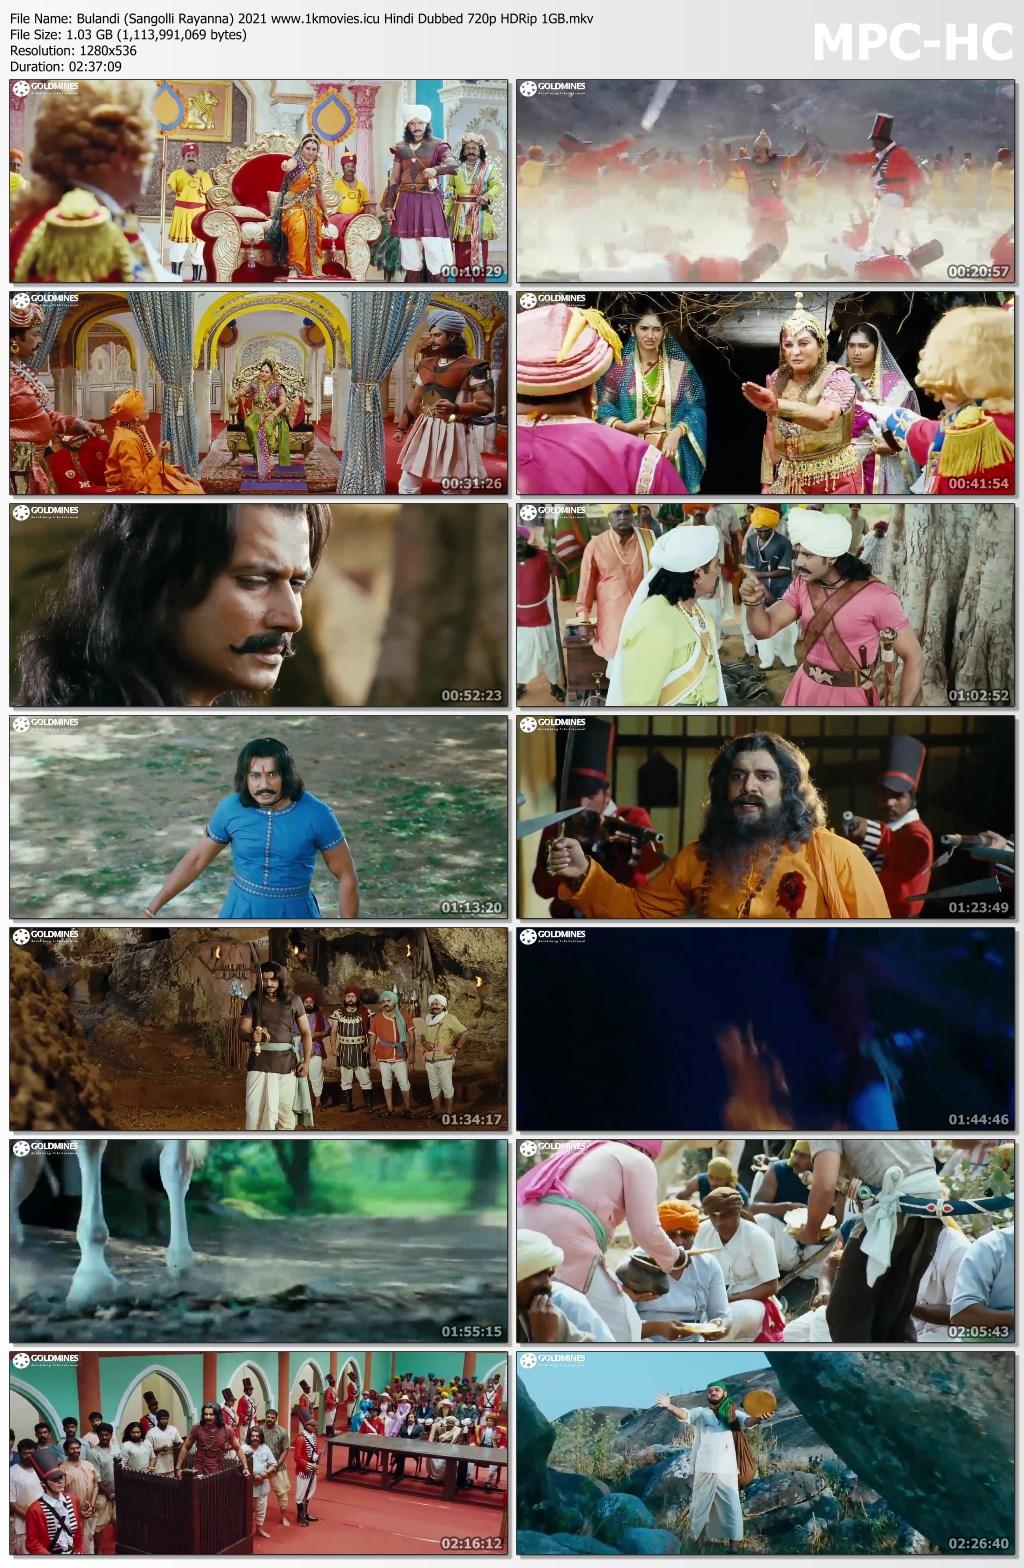 Bulandi - Sangolli Rayanna Screen Shot 2